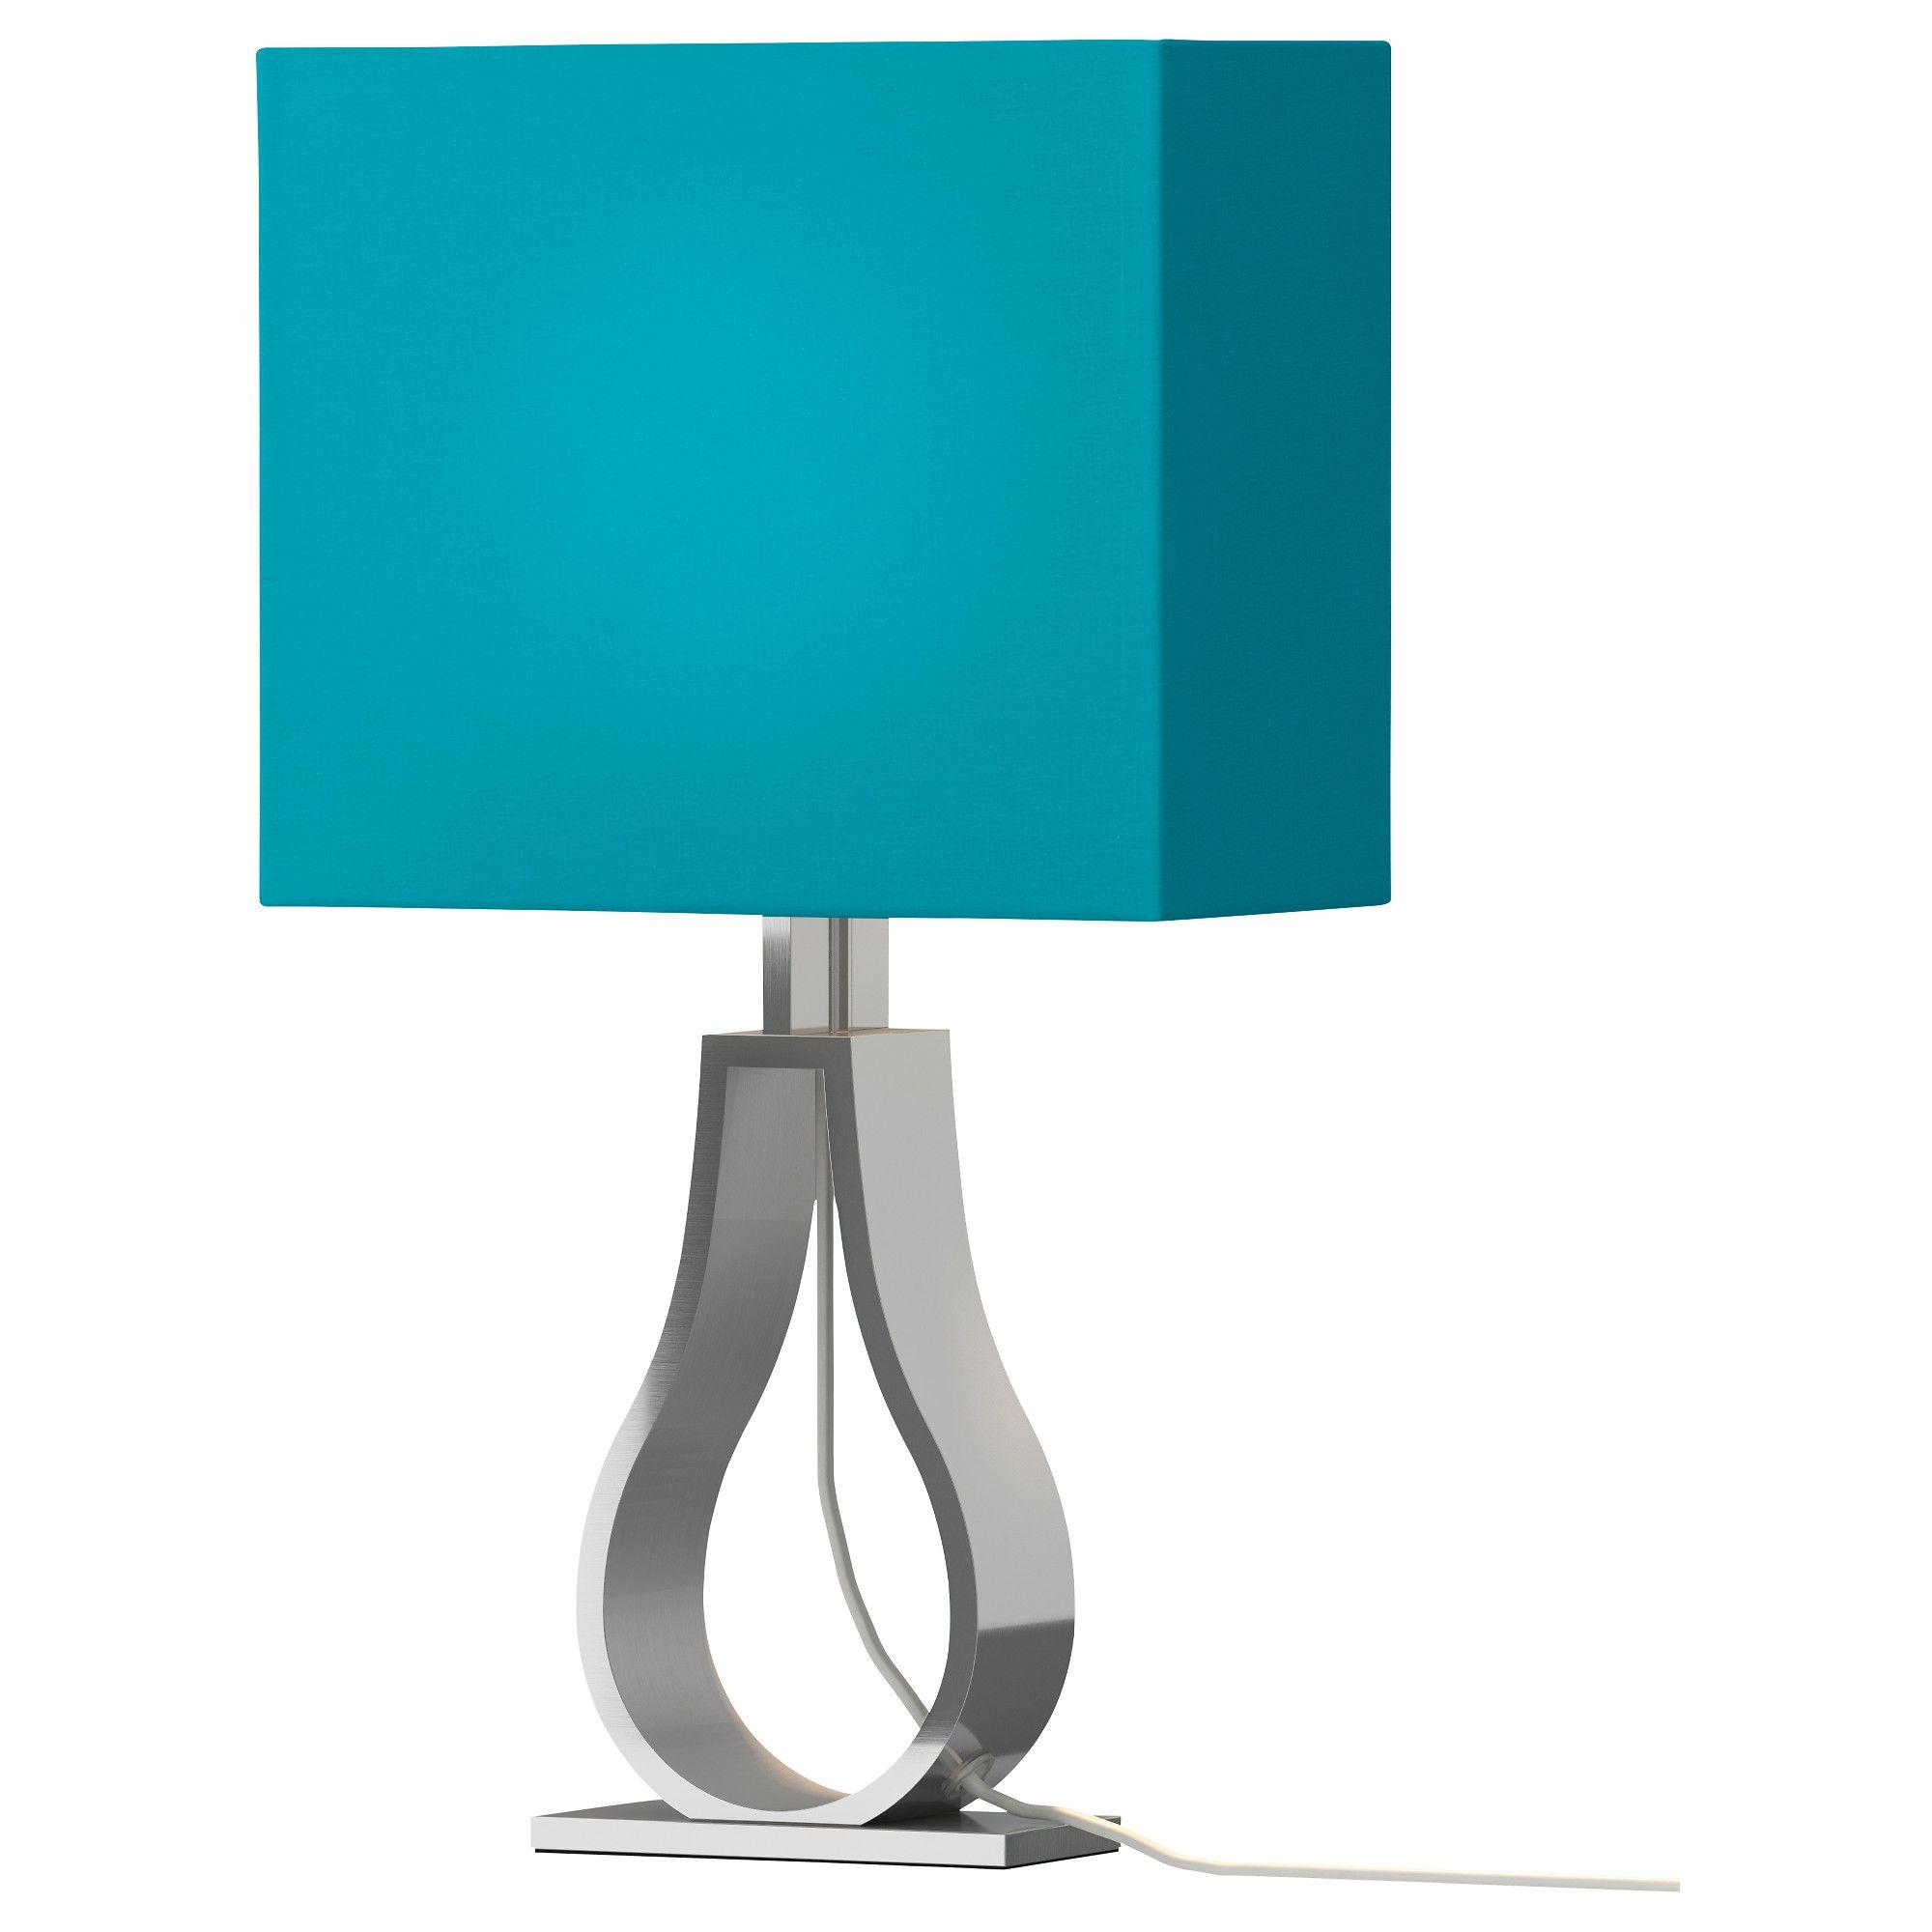 Schlafzimmer lampe turkis